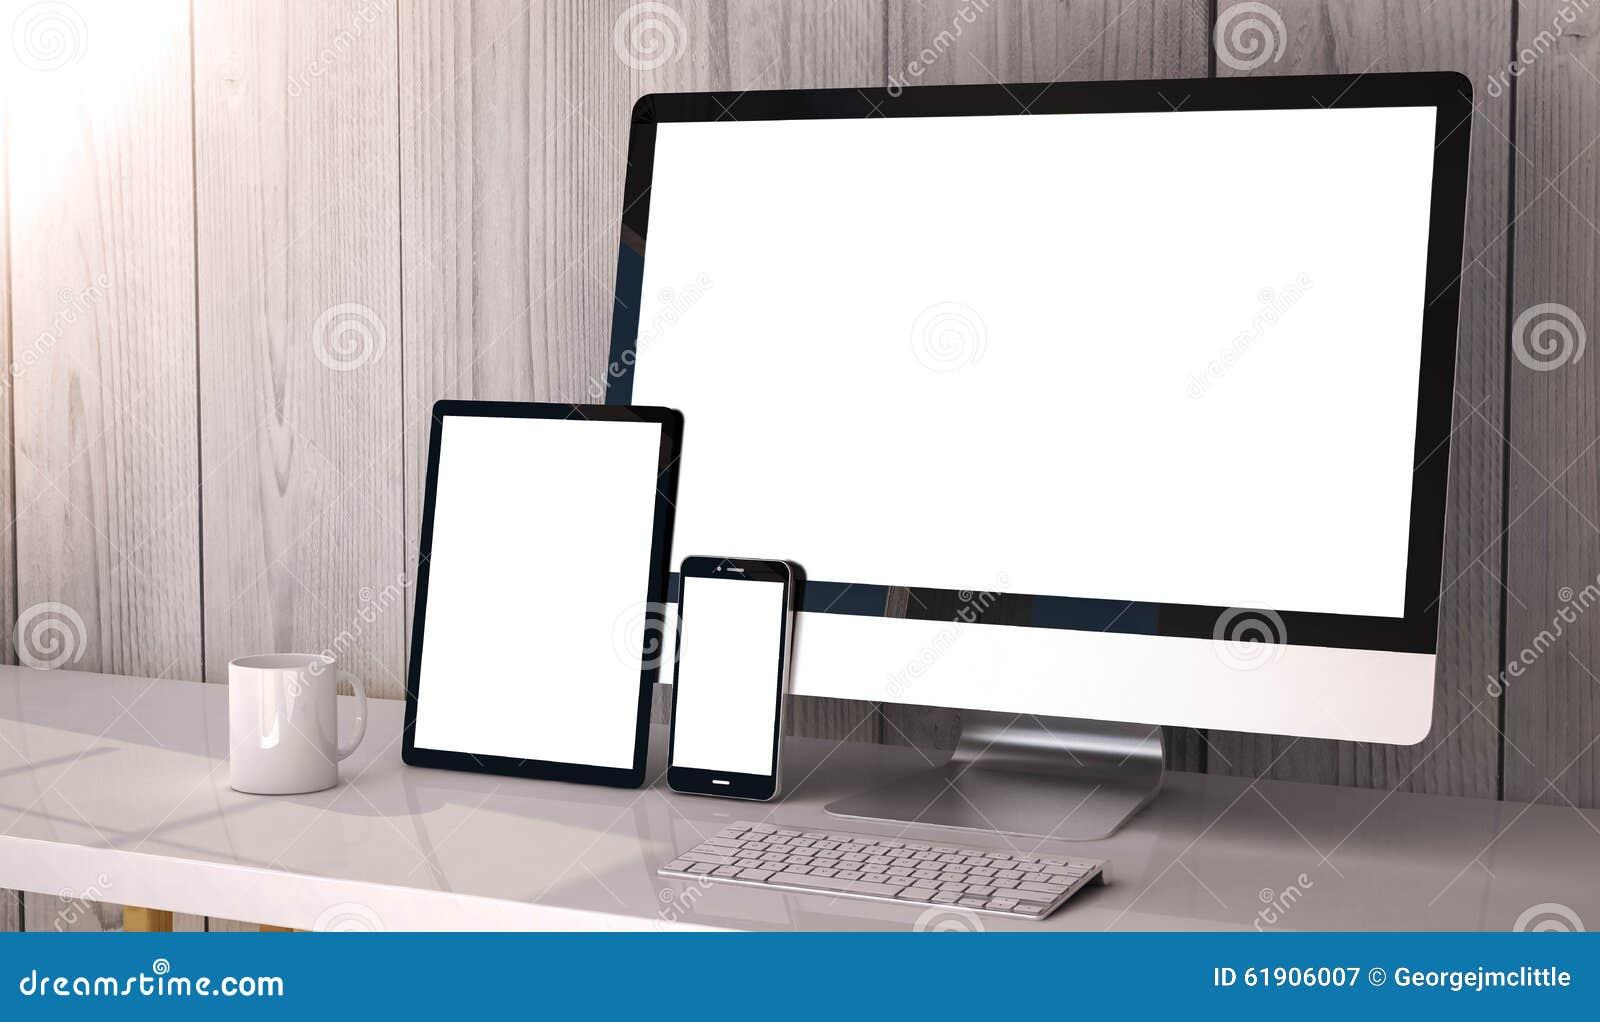 Geräte entgegenkommend auf Arbeitsplatz